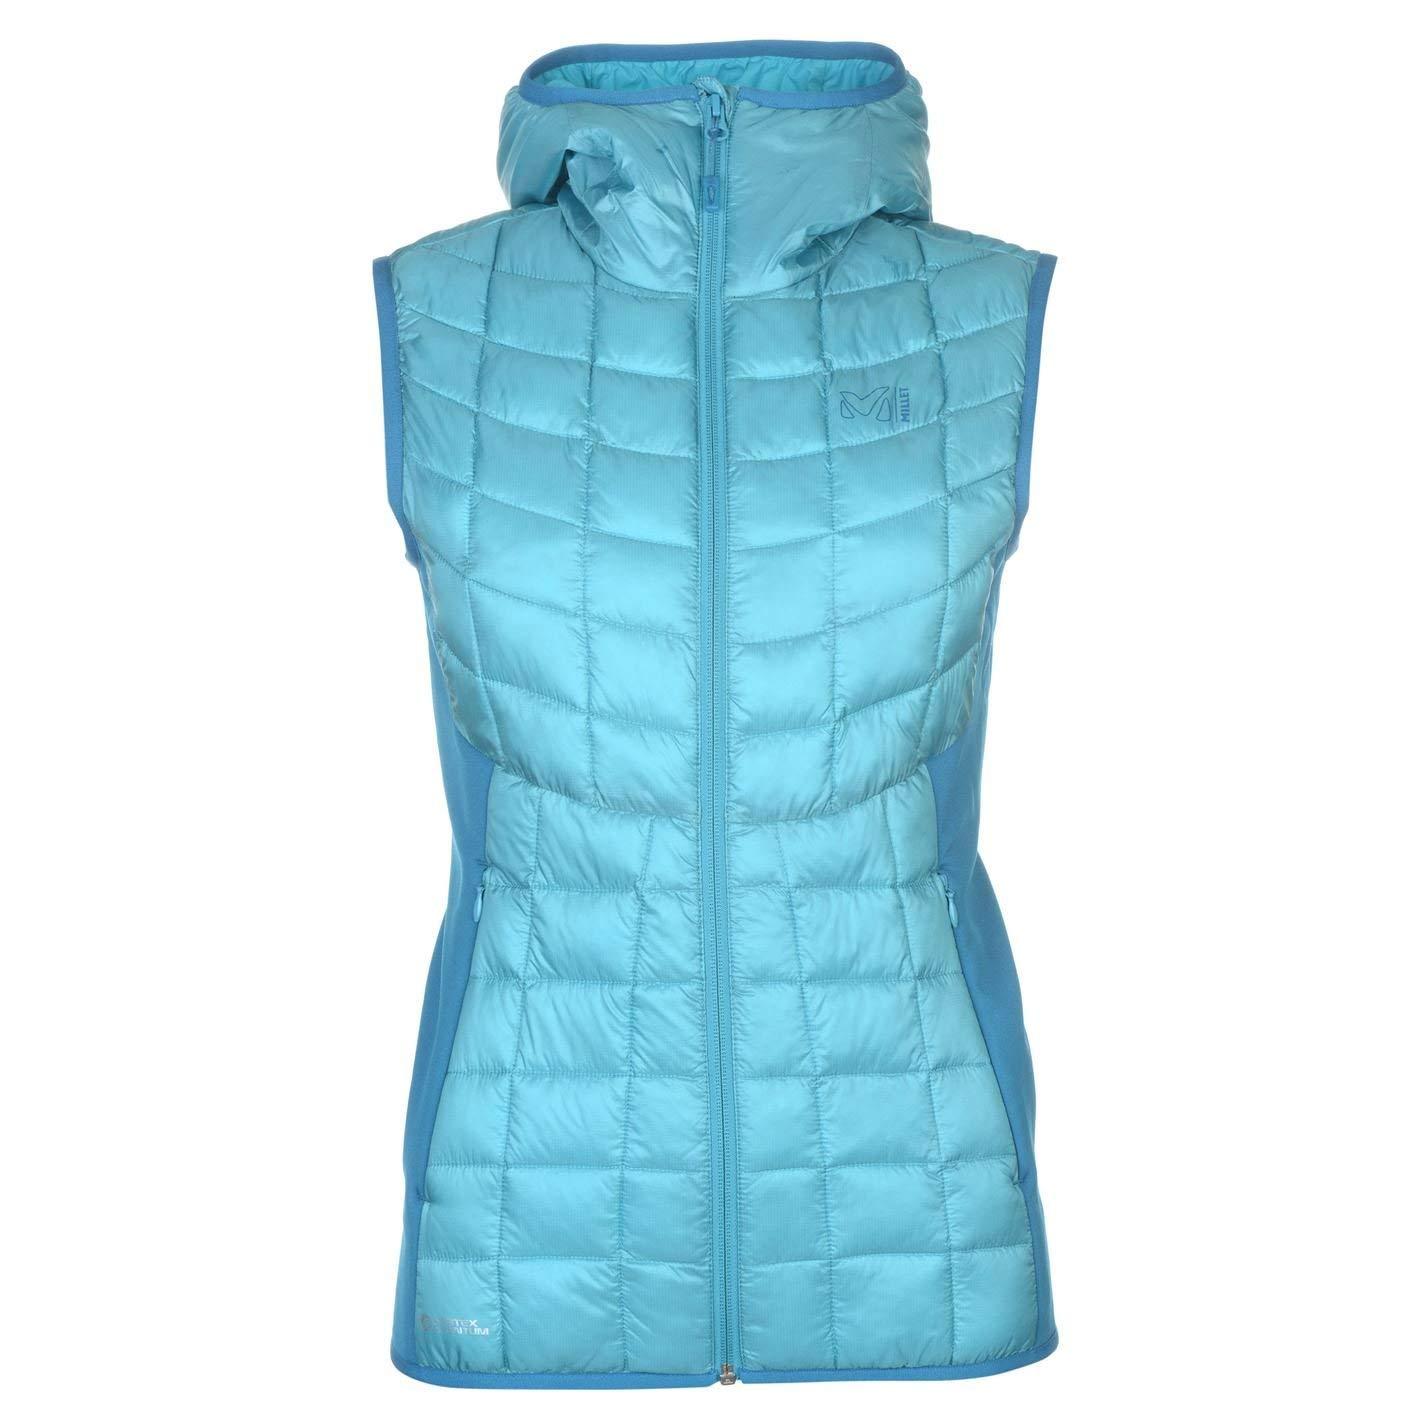 68976c4f0c Millet Womens Hybrid Microloft Gillet Jacket Mens Ski Top